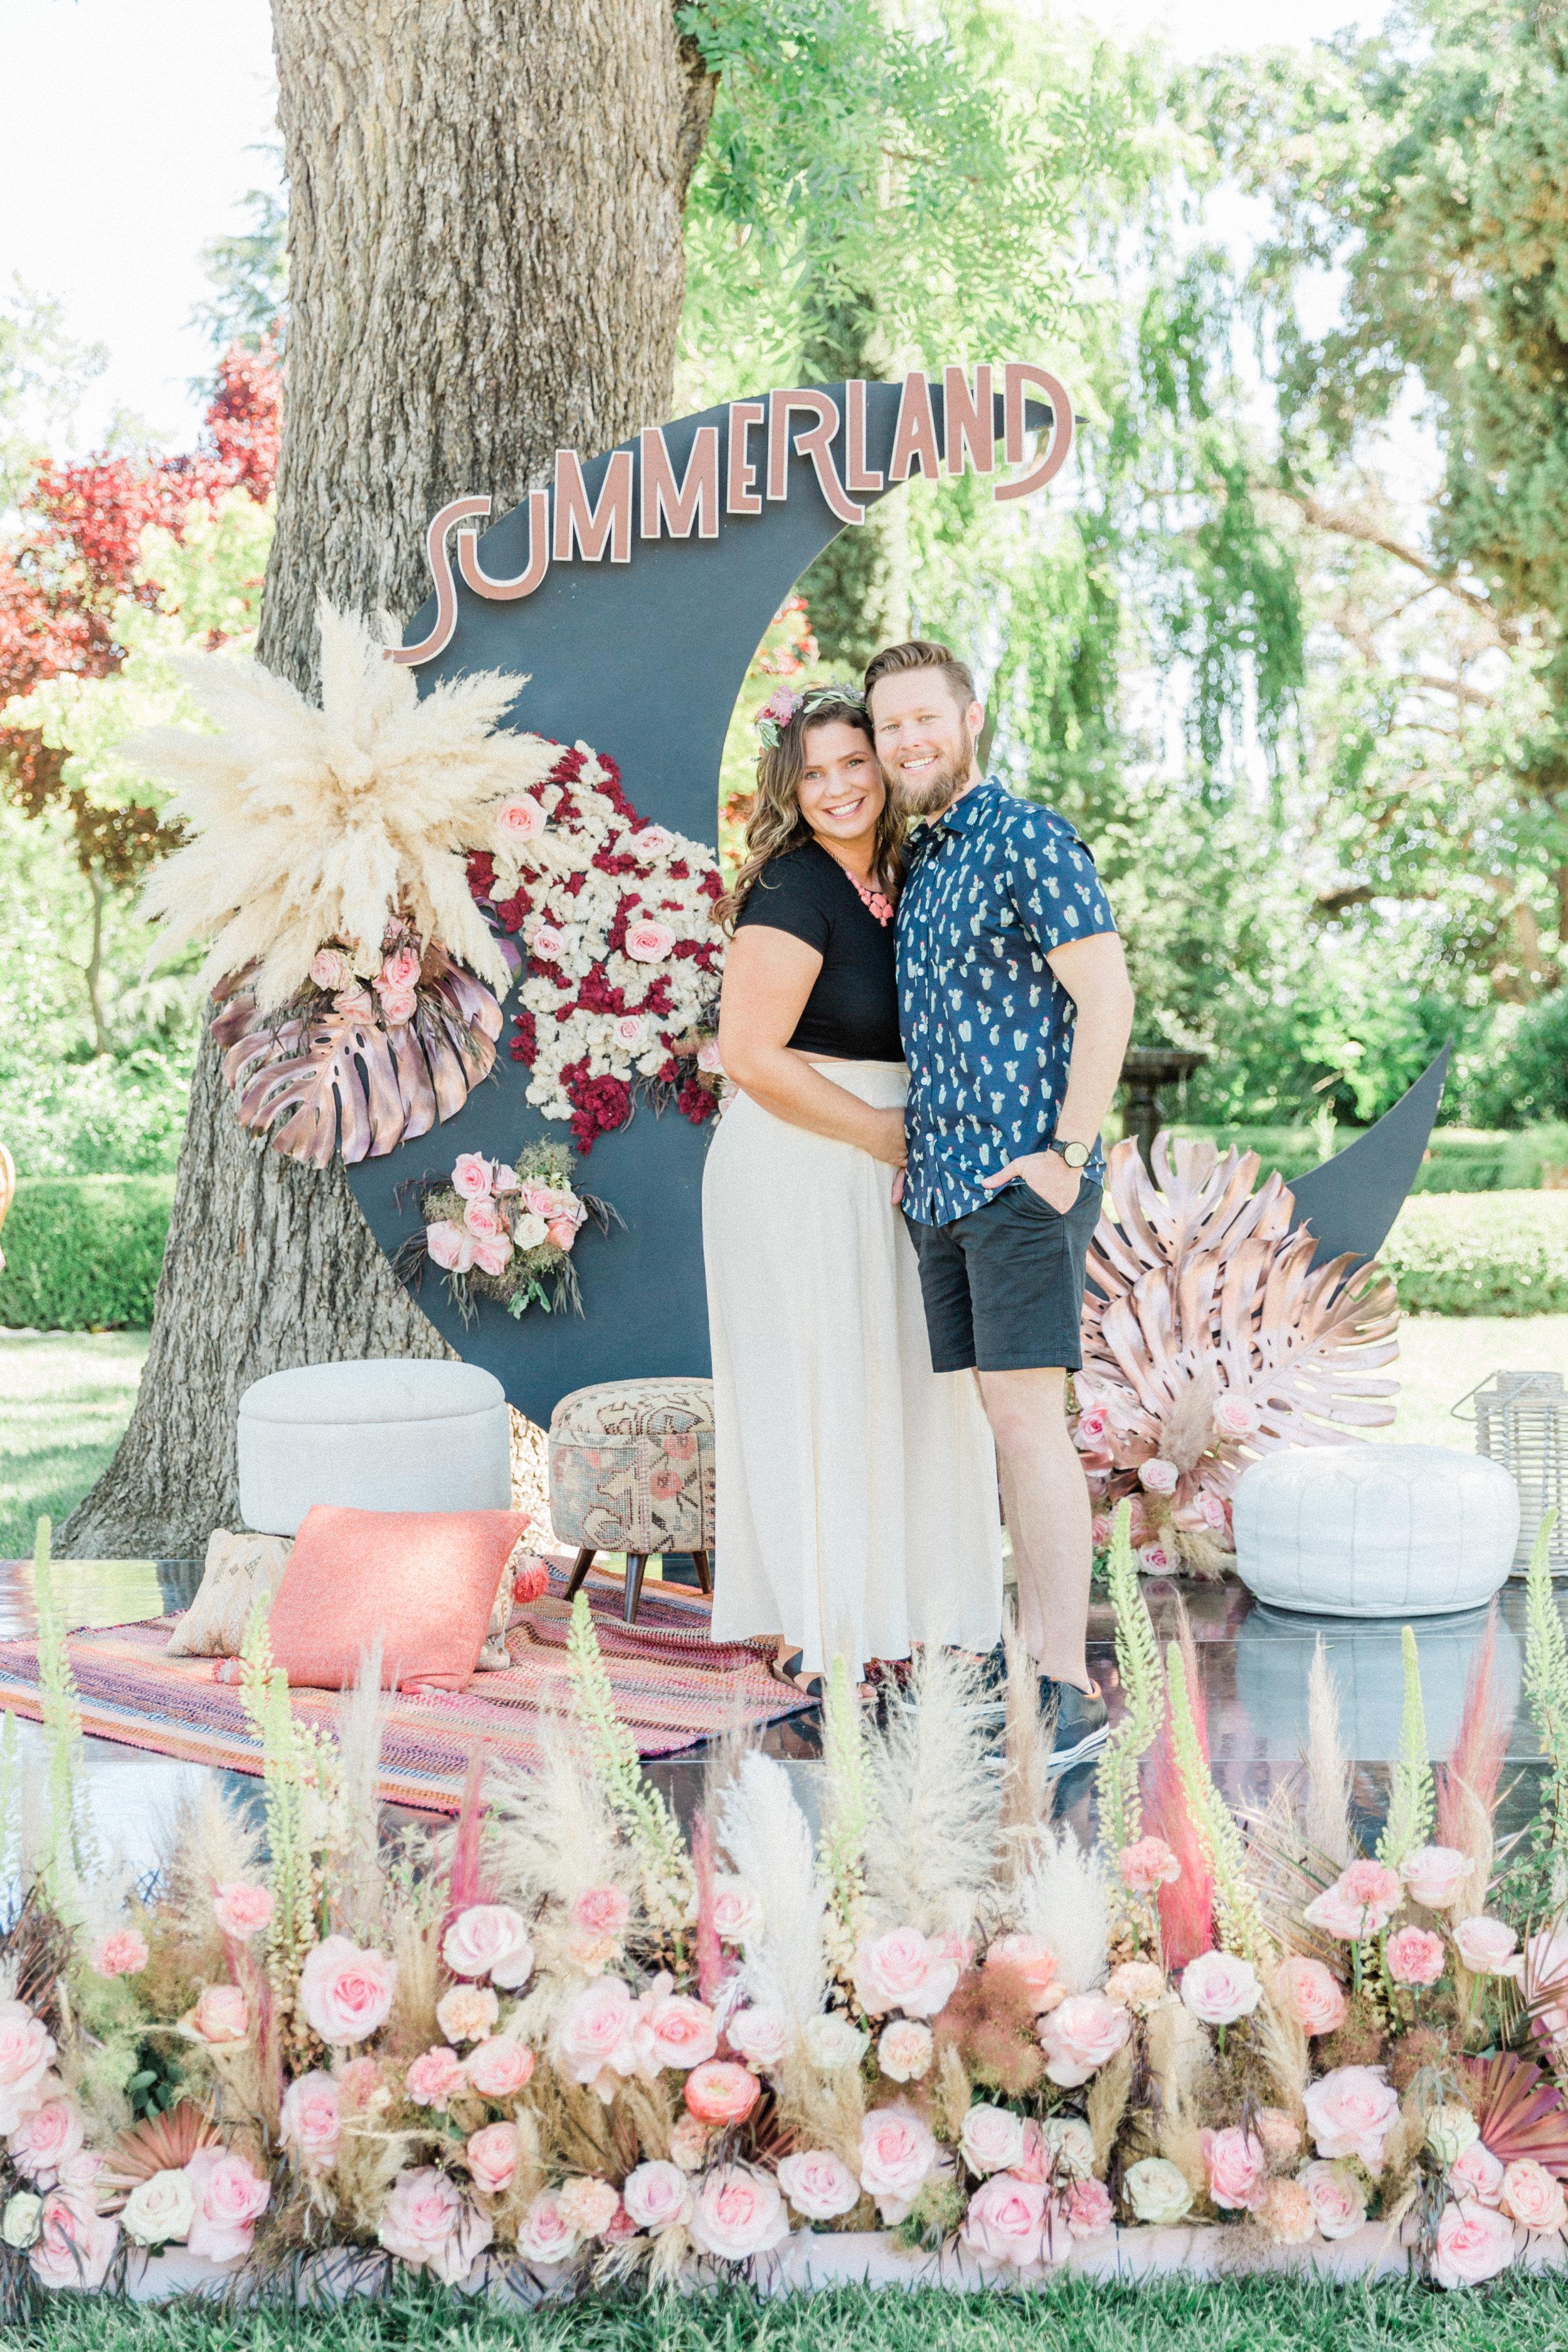 Summerland 2019 - Lauren Alisse Photography-52.jpg